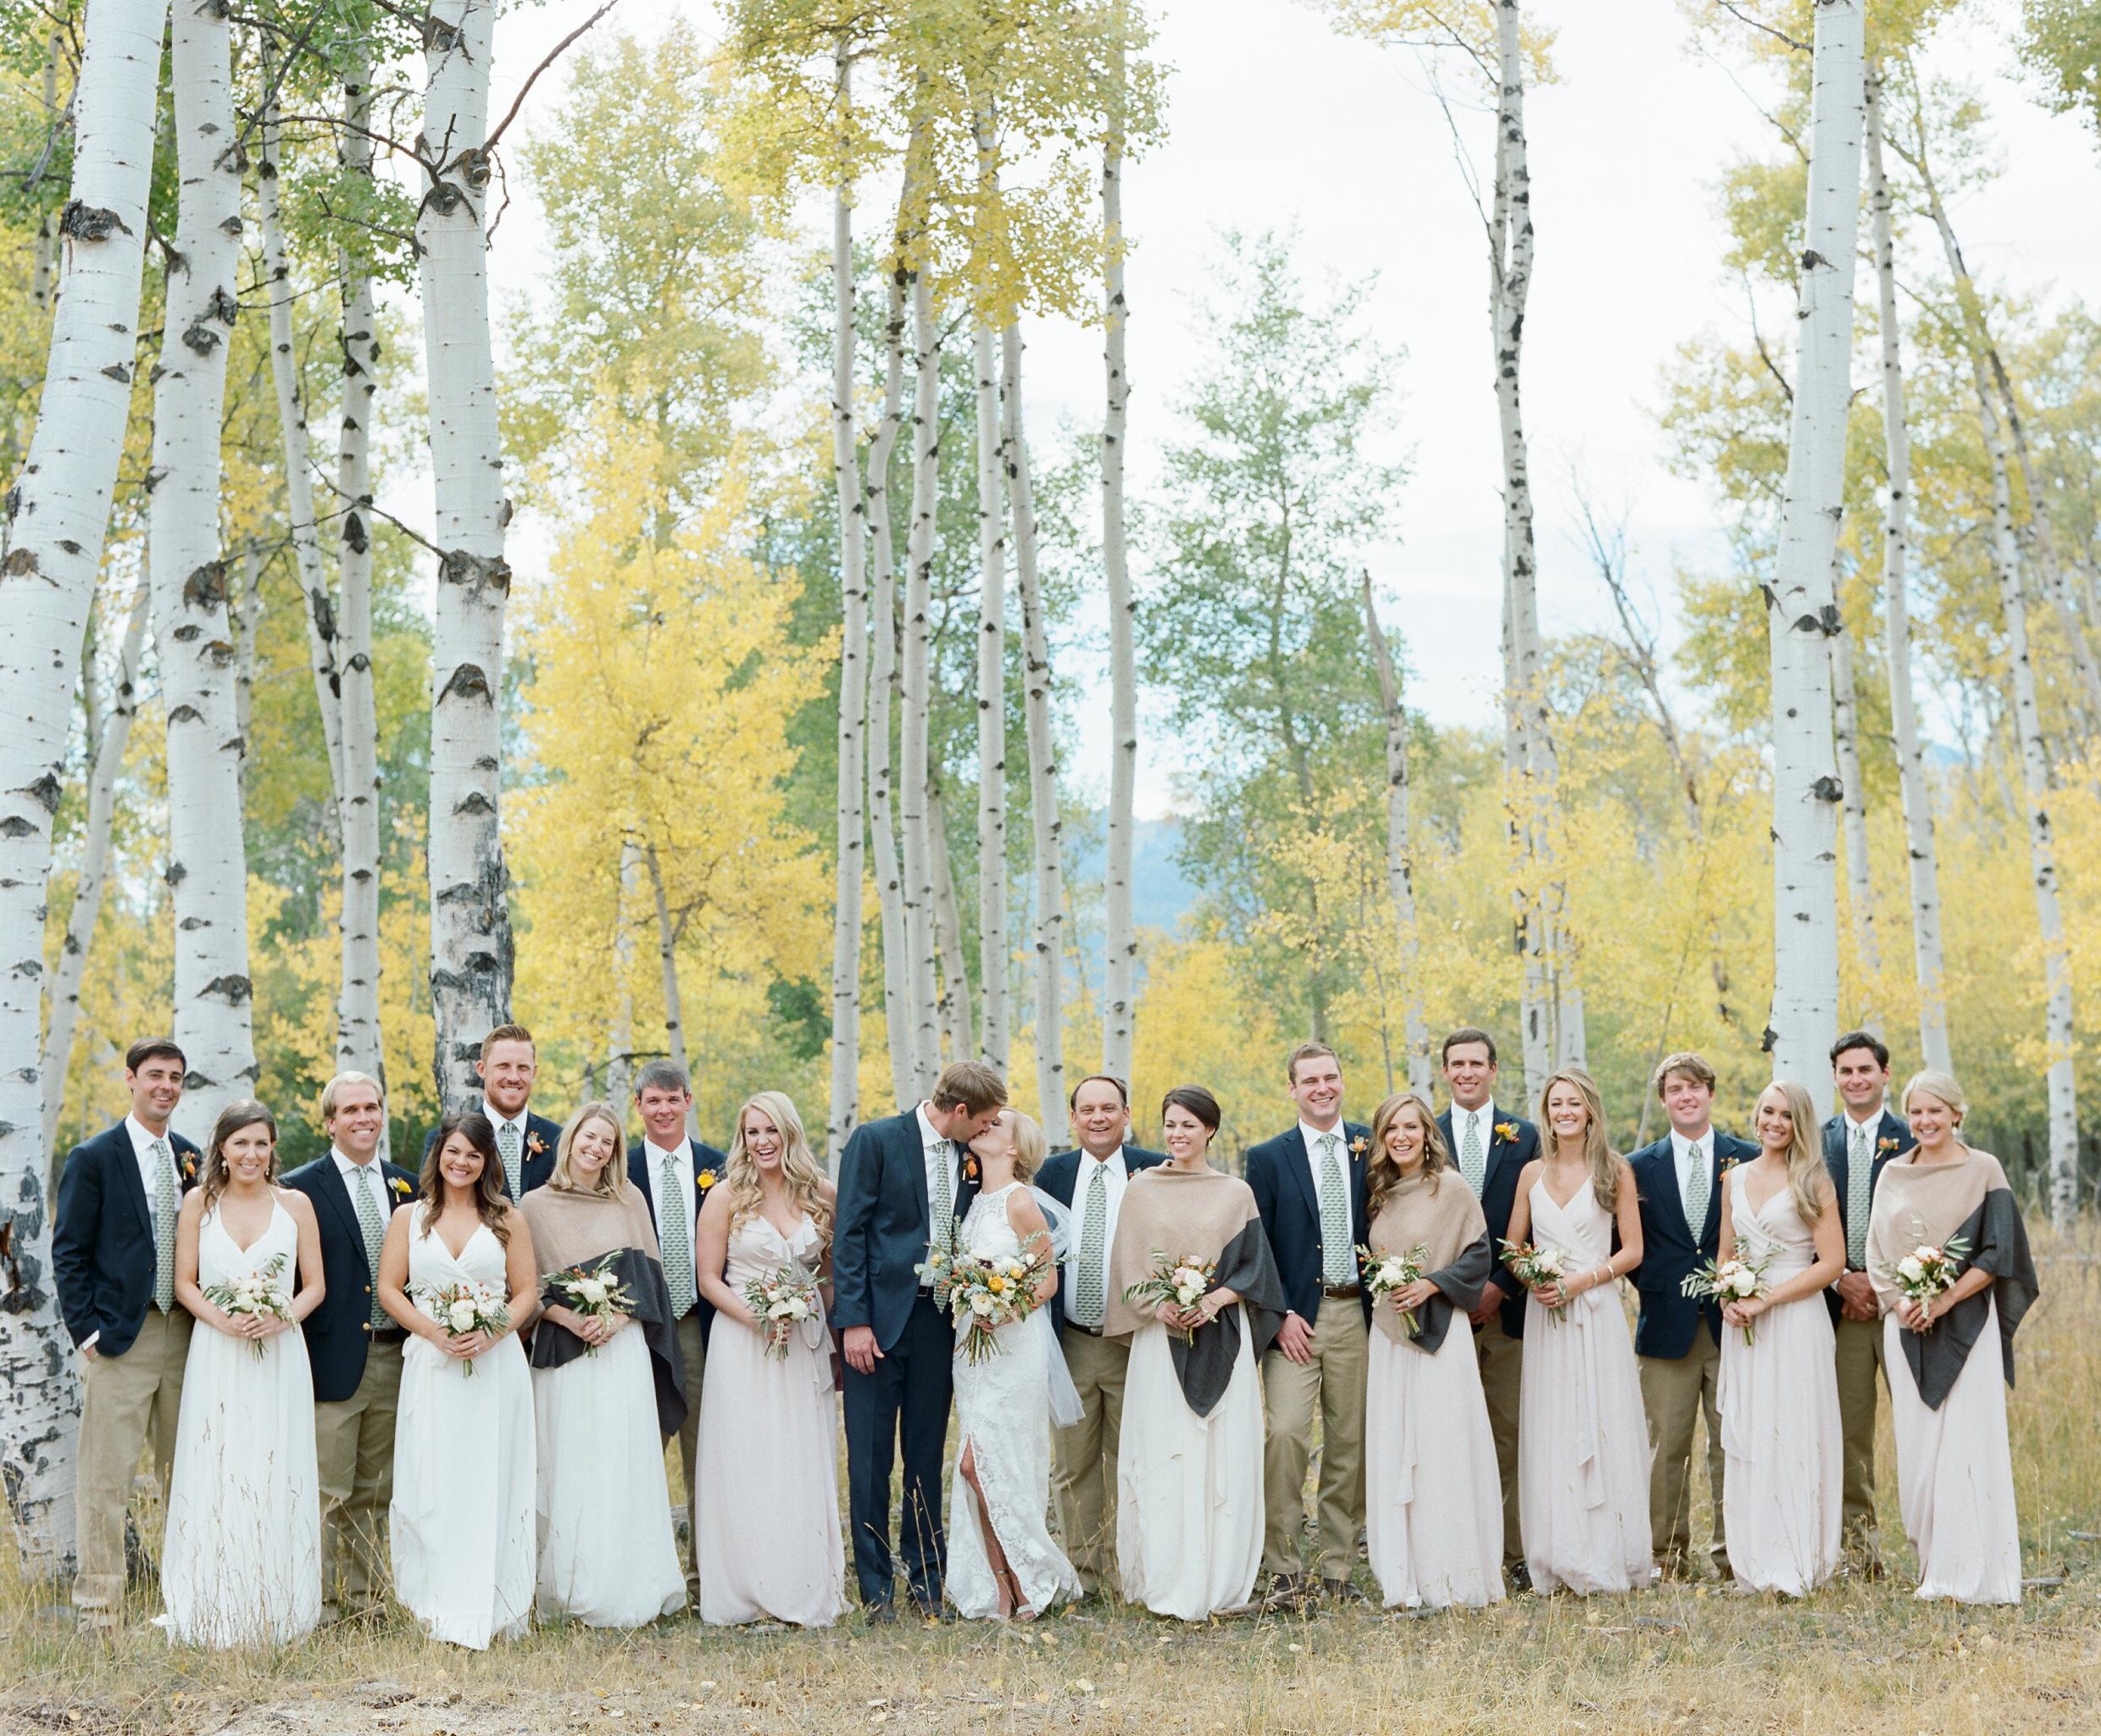 alexis-evan-wedding-bridalparty-03875400015-6247325-0117